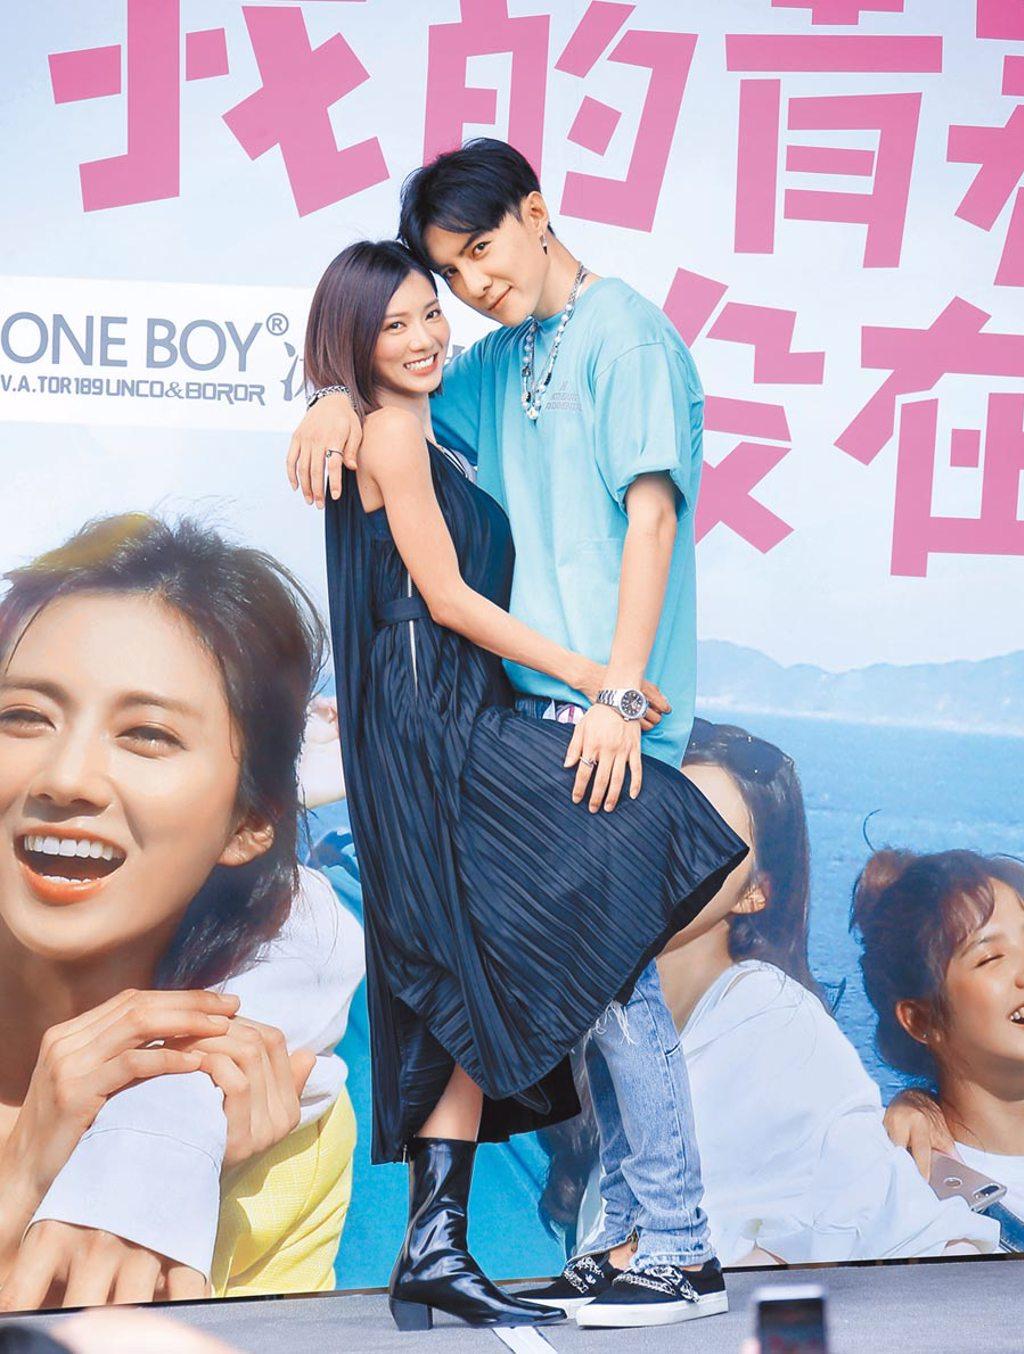 蔡黃汝(左)、唐禹哲昨在見面會上跟上劇中交往進度,互動親密。(羅永銘攝)